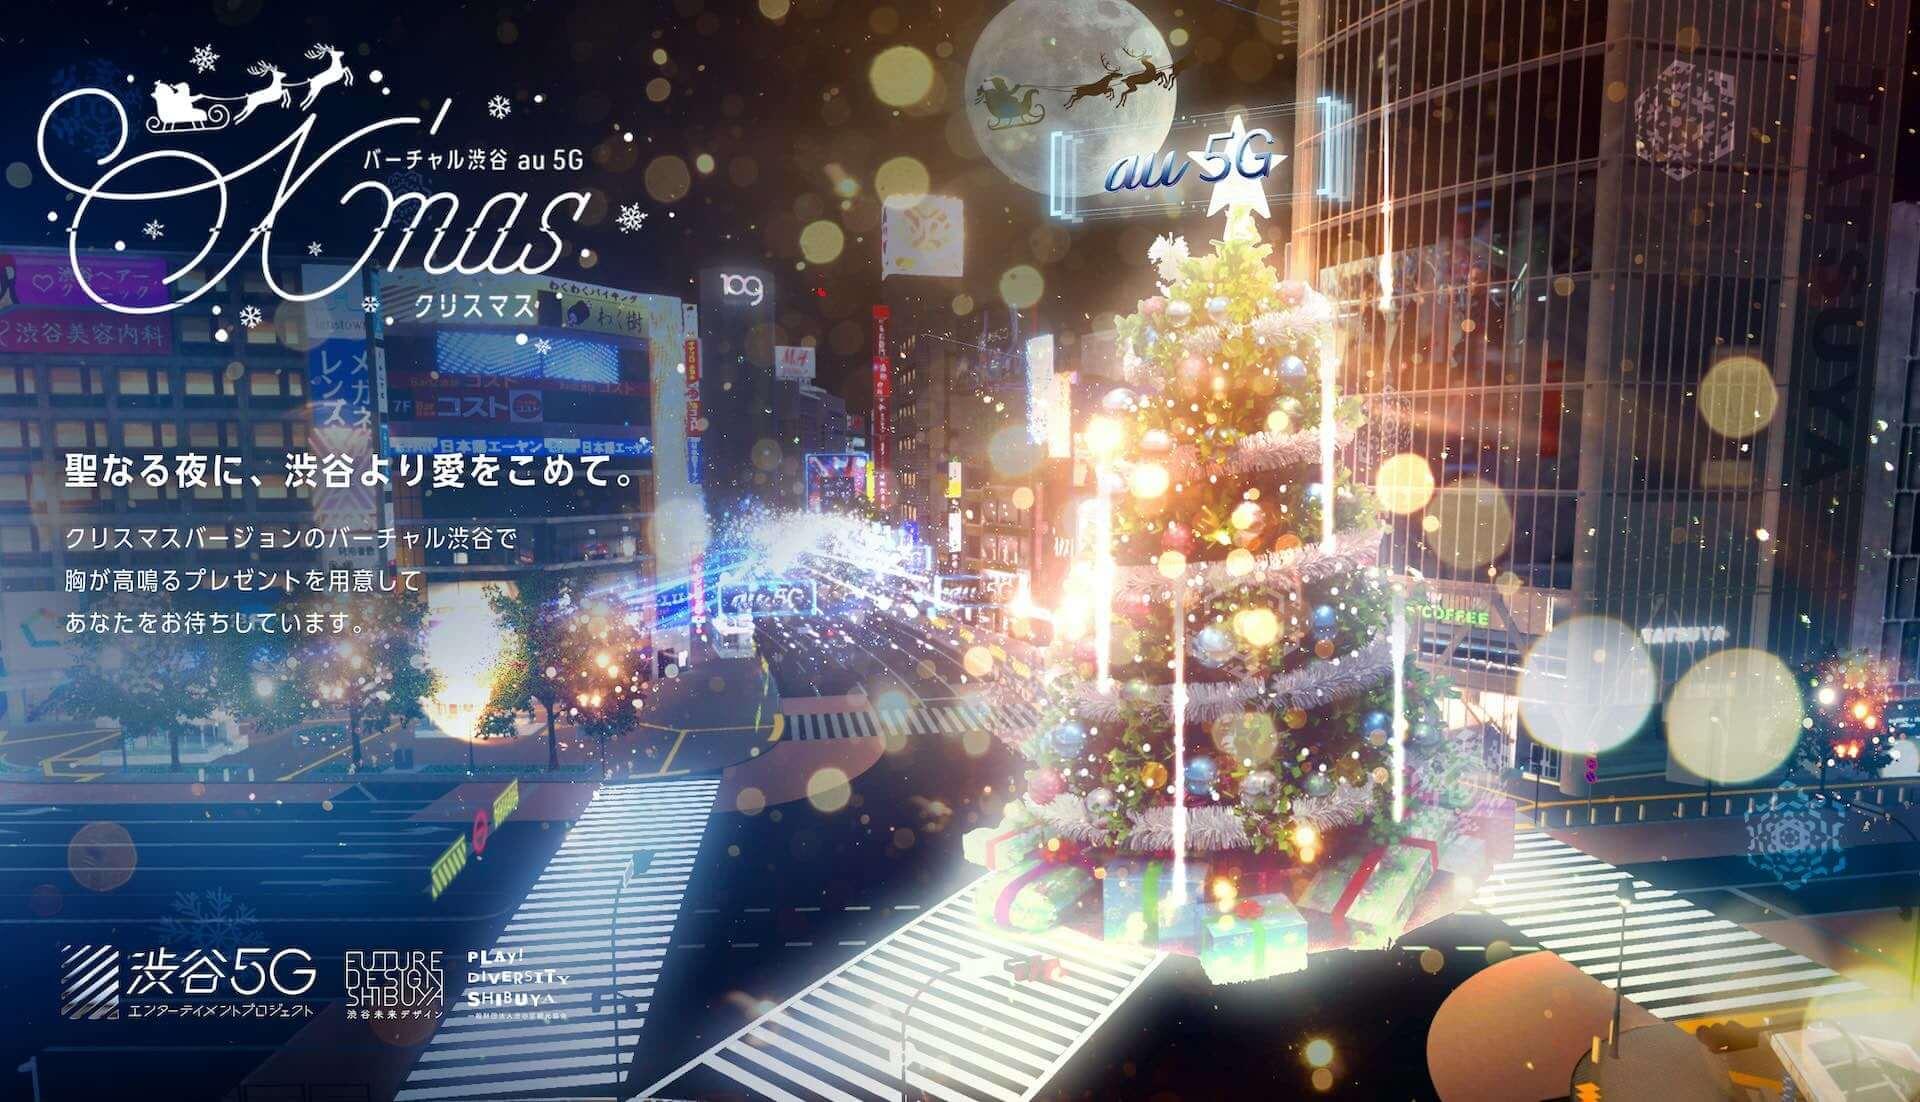 """新進気鋭SSWエマ・ウォーリンが<バーチャル渋谷 au 5G X'mas>に新曲""""Here Forever""""を提供!田中知之によるリミックスも公開 music201221_xmas-shibuya5g_4-1920x1102"""